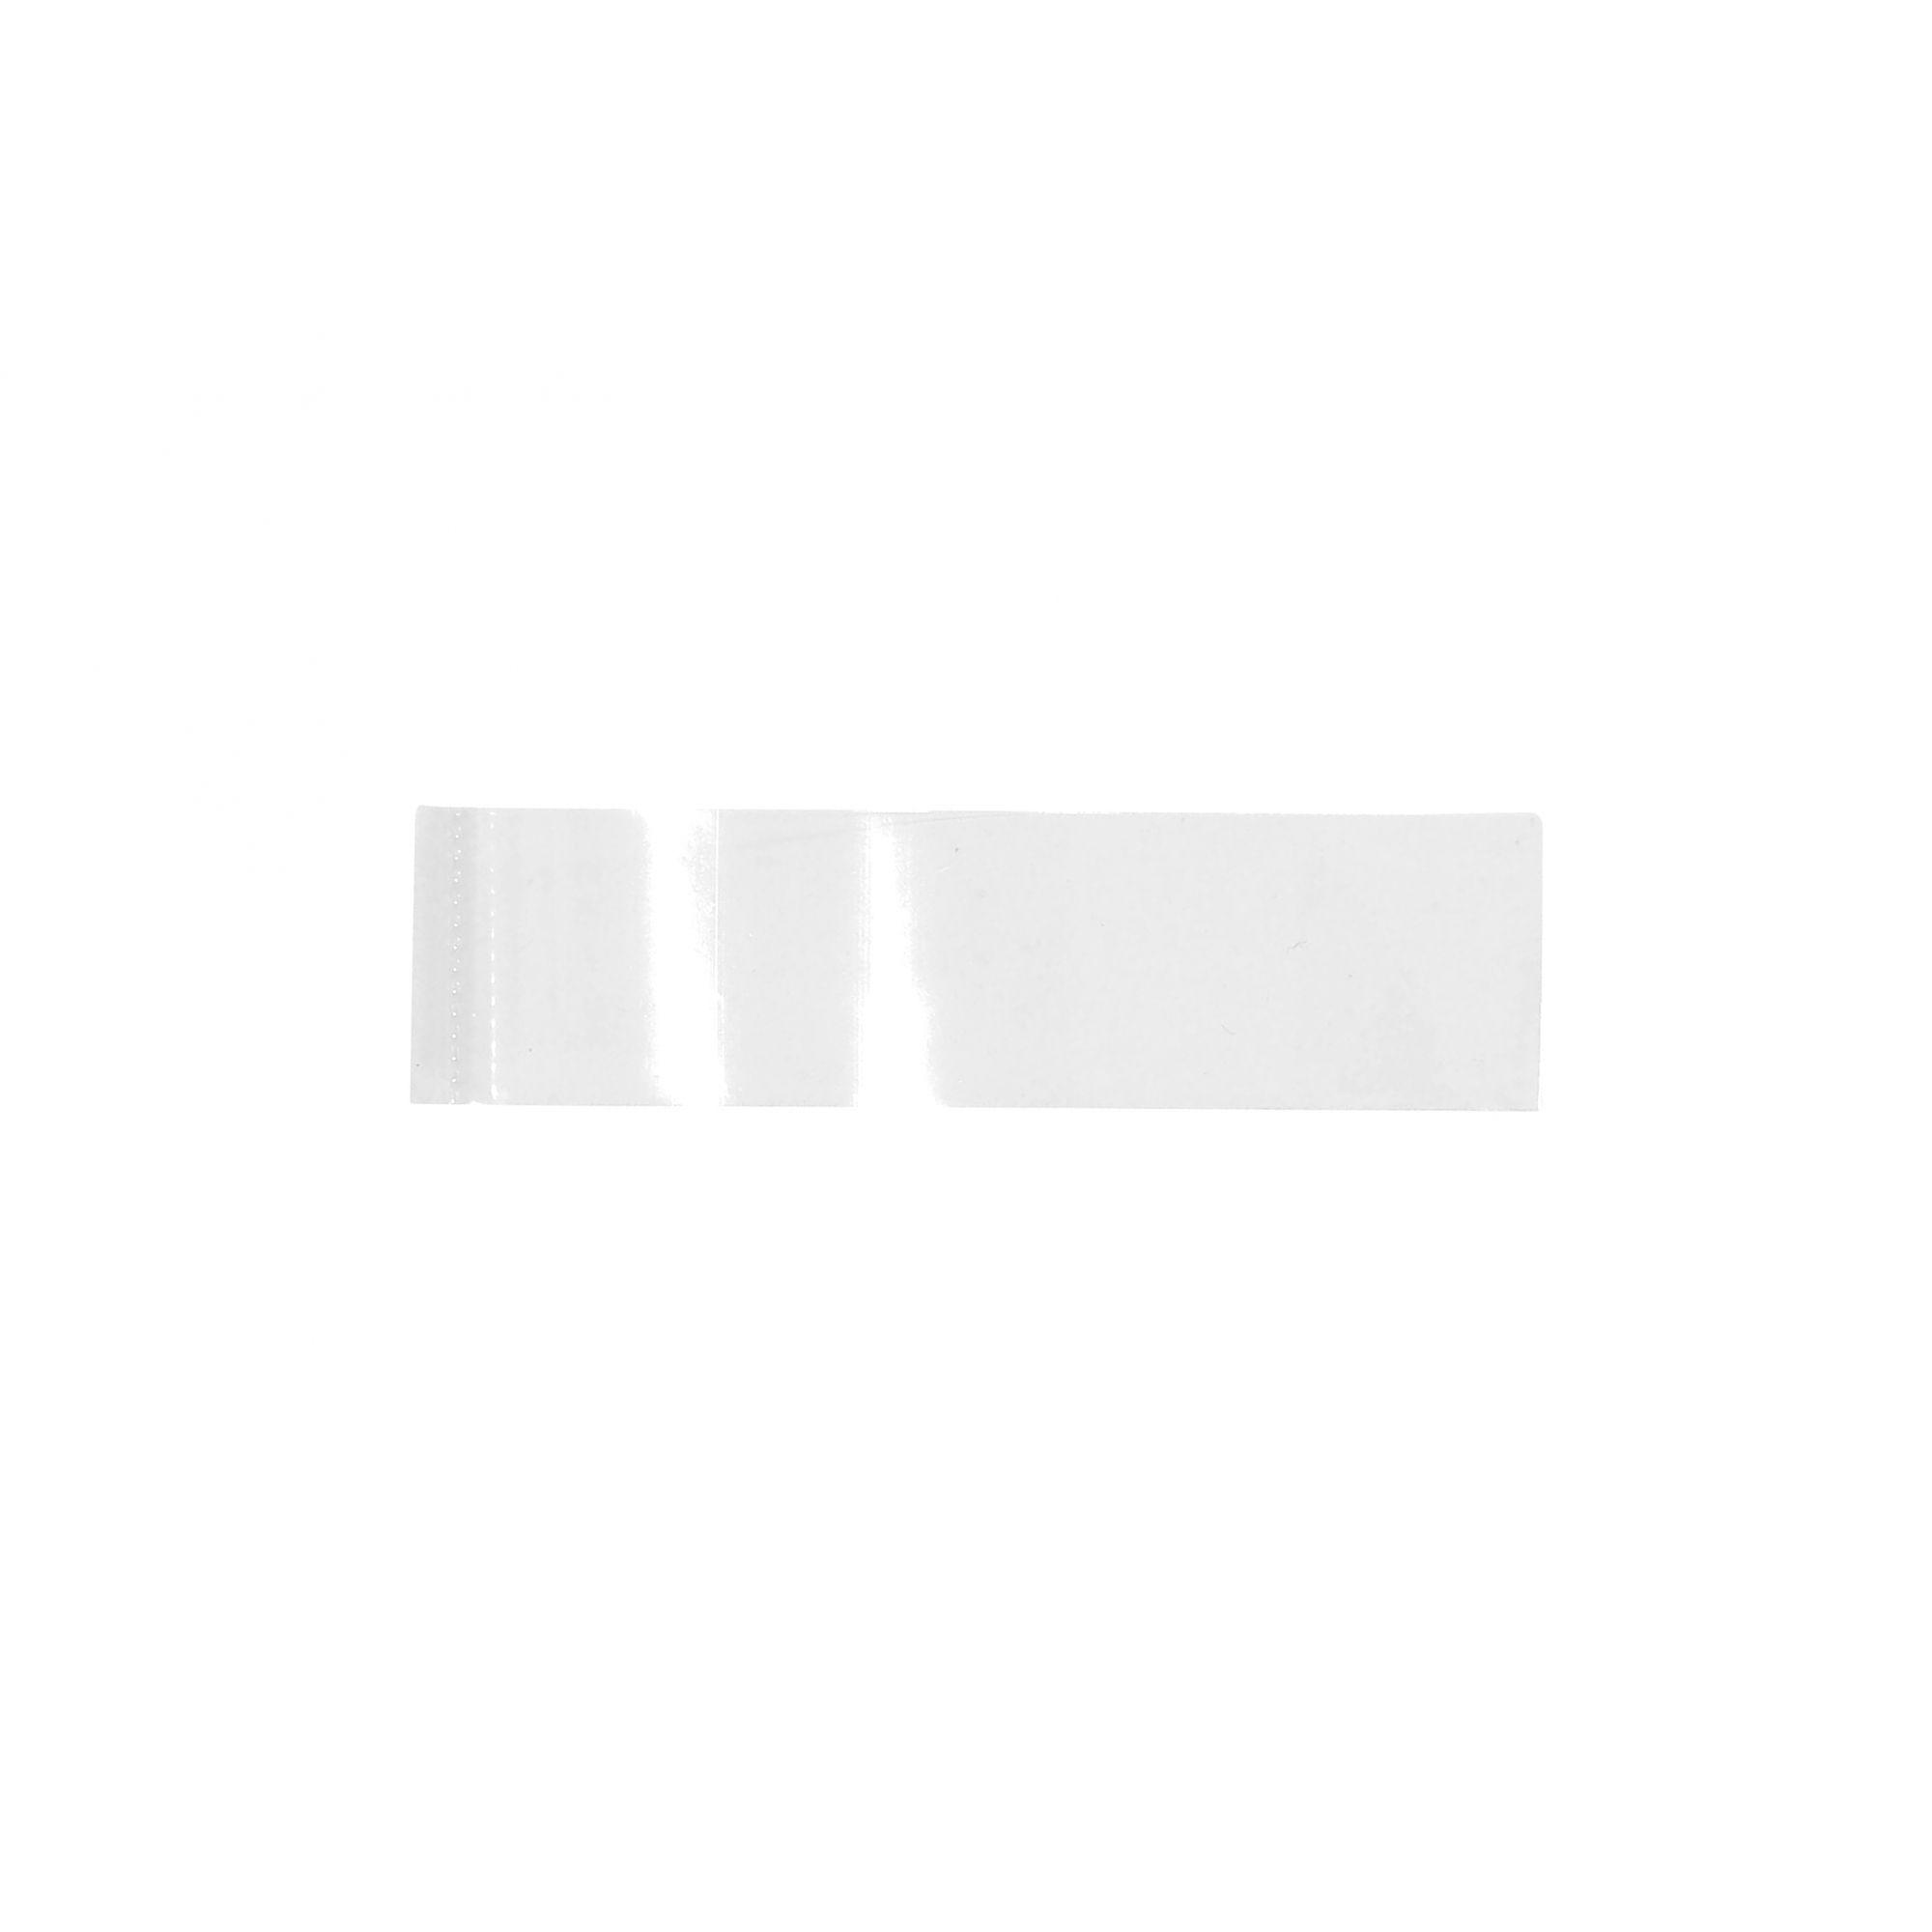 Lacre Termoencolhível 63mm - Kit Com 100